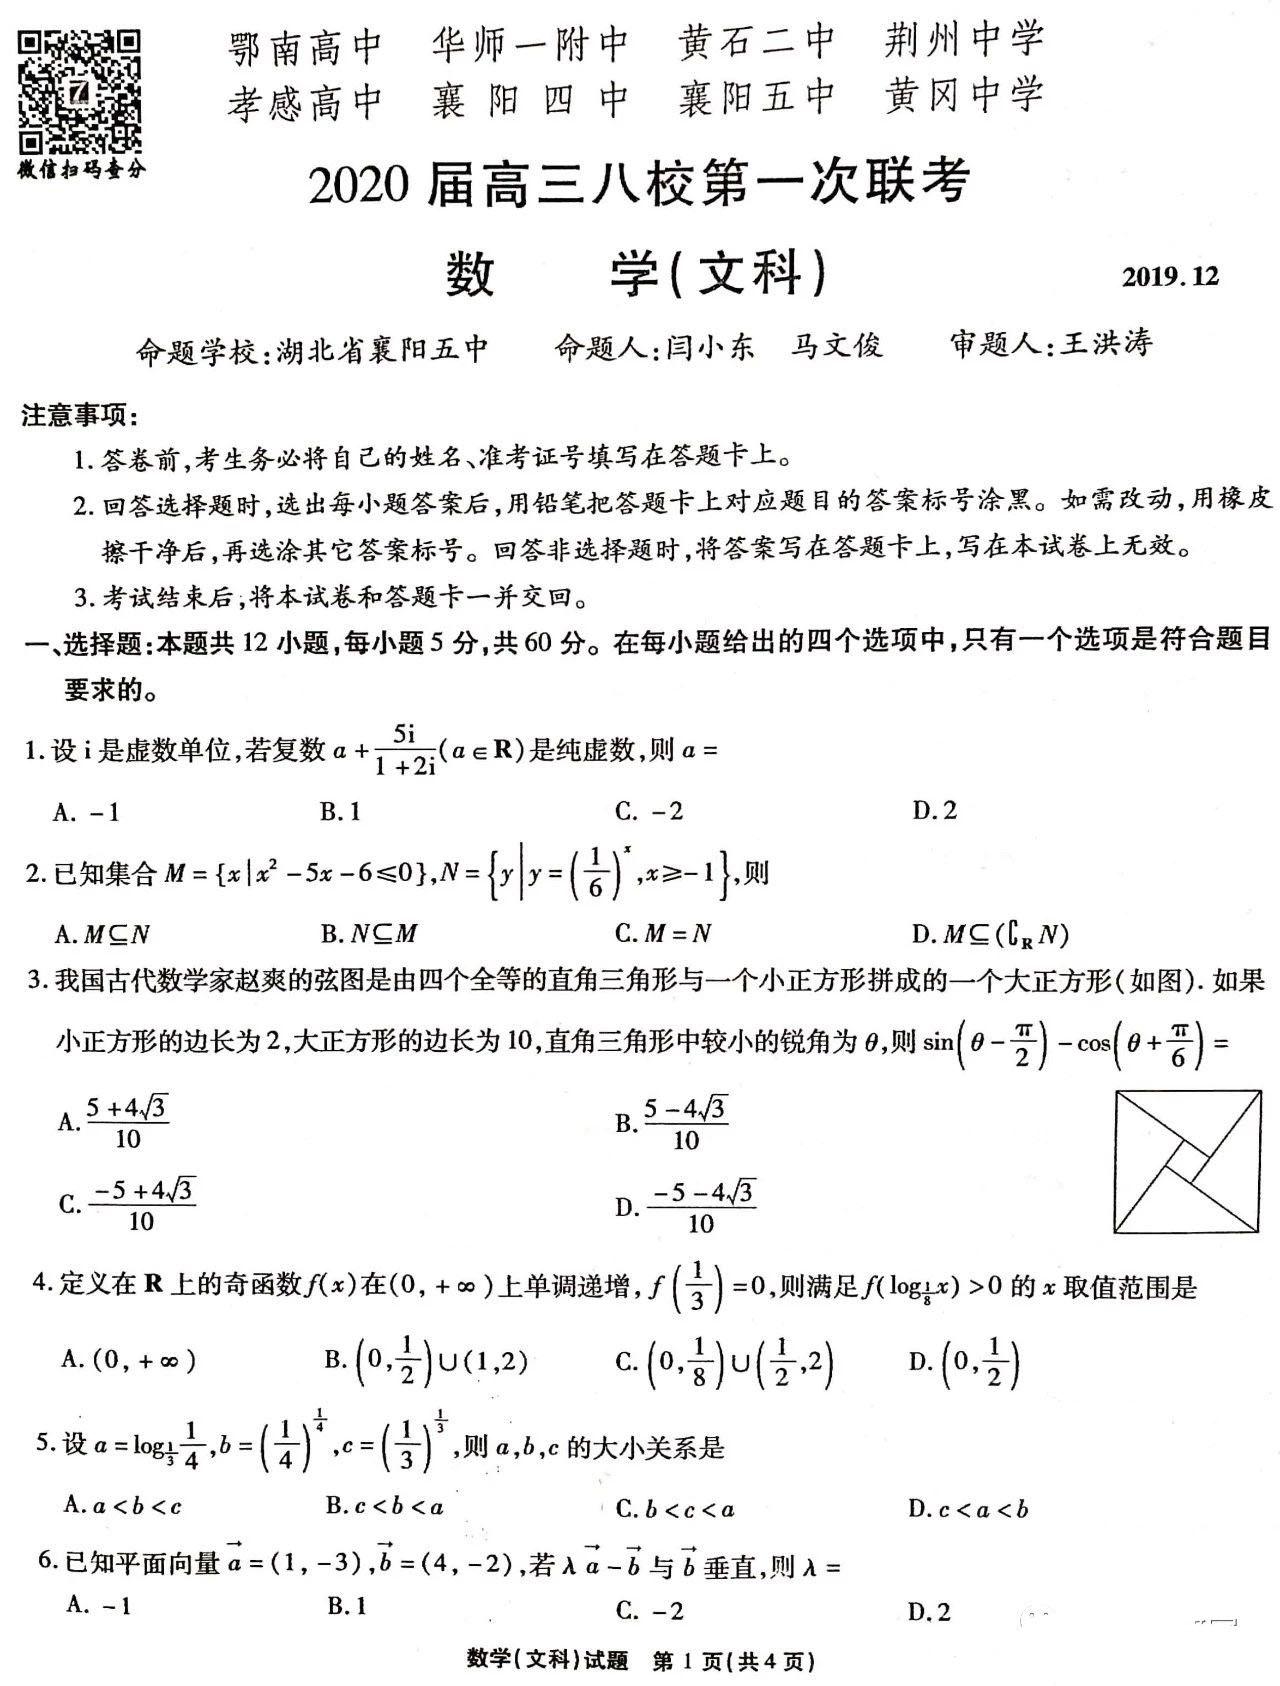 2020湖北八校高三第一次联考数学试题答案解析